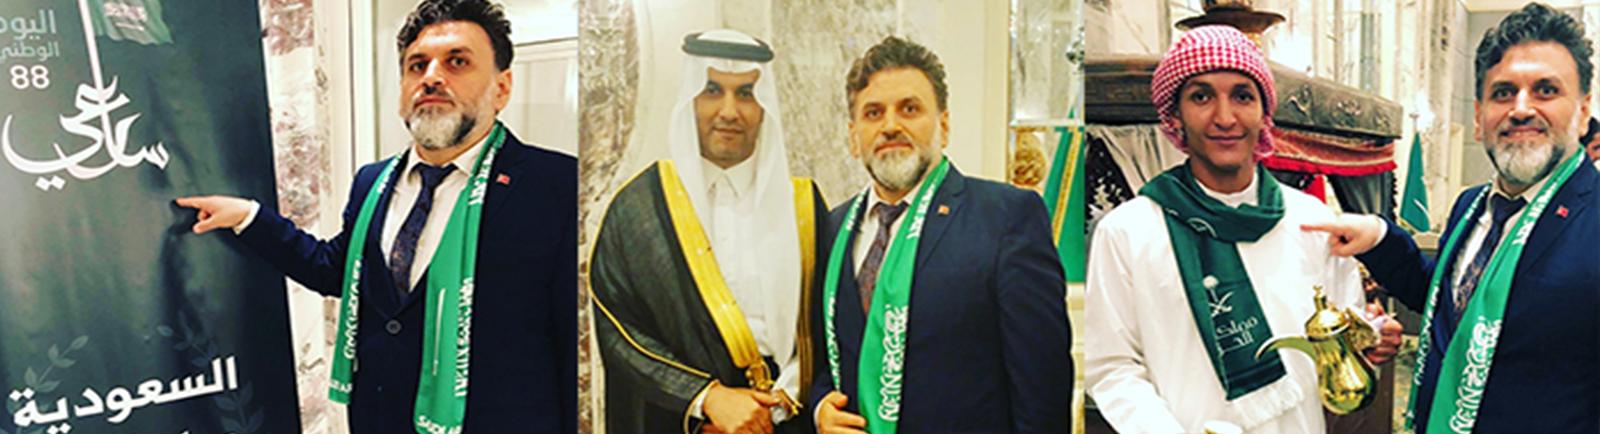 Suudi Arabistan'ın kuruluş Yıldönümü (Ulusal Gün) Kutlandı